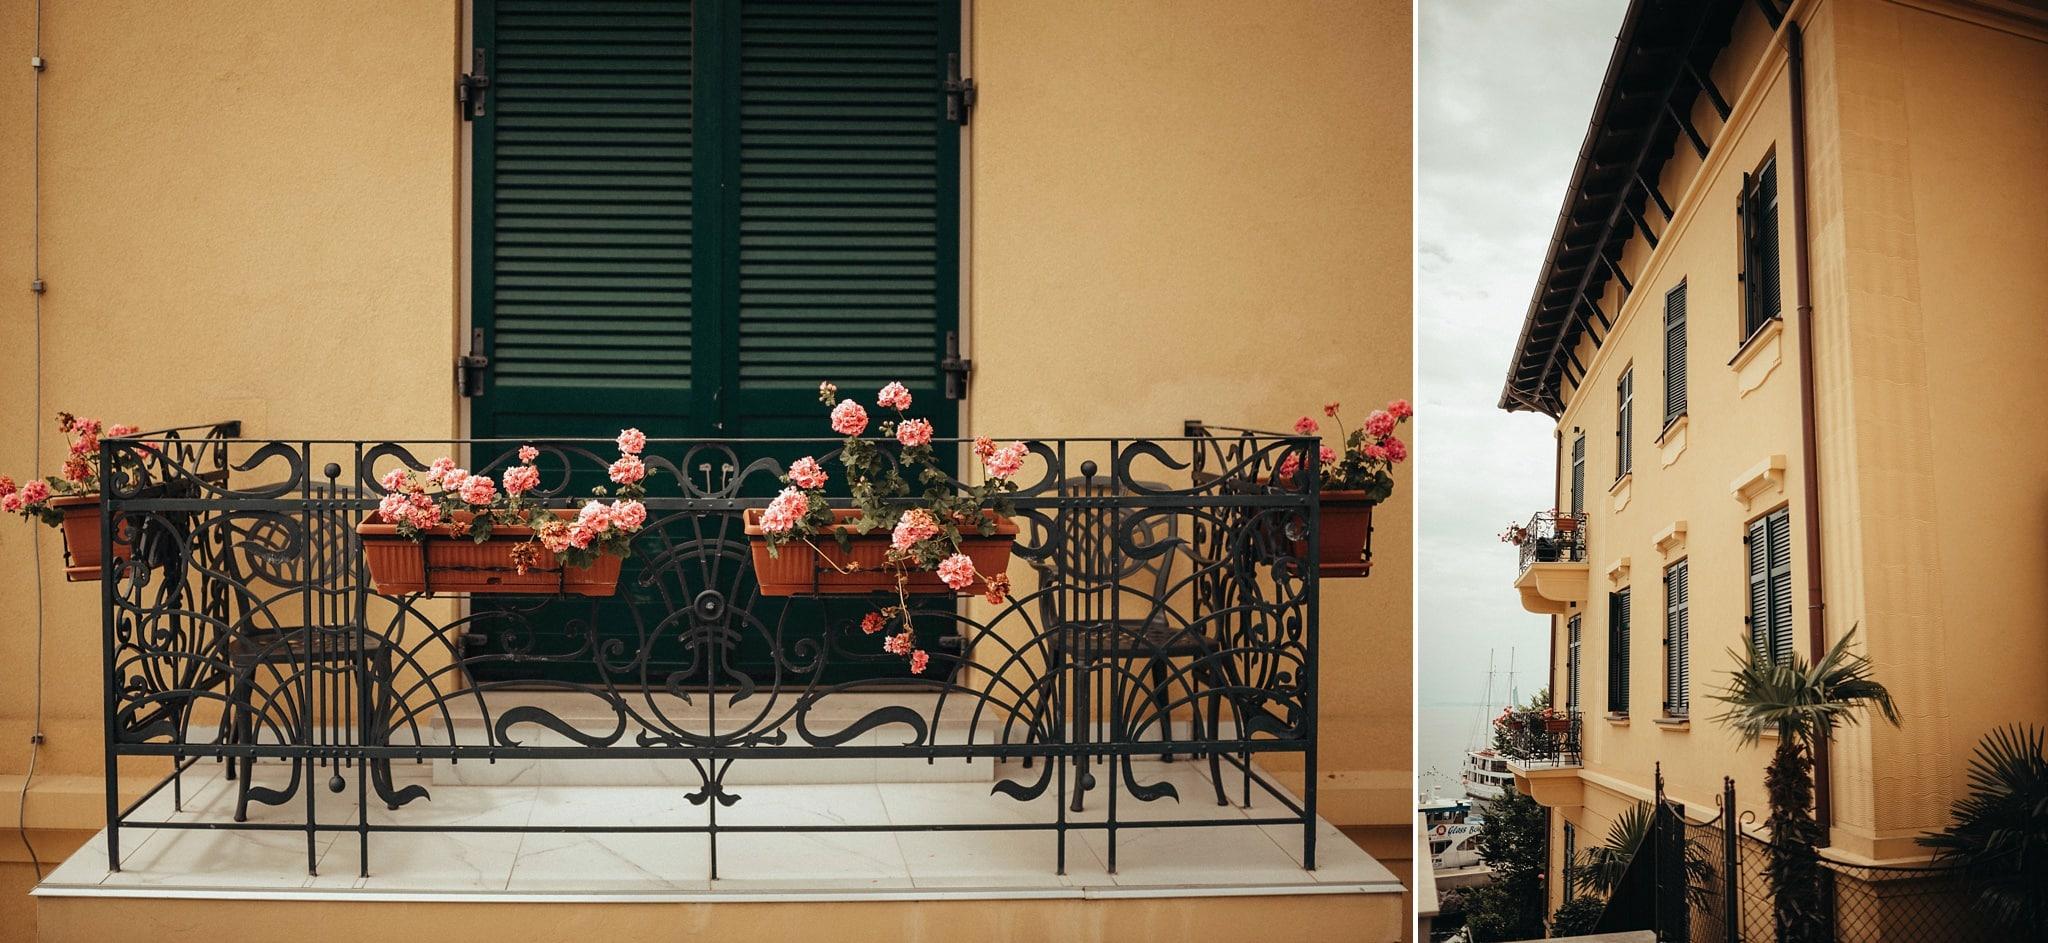 opatija wedding photographer abbazia ki 0004 - Hotel Royal Wedding Photographer Opatija